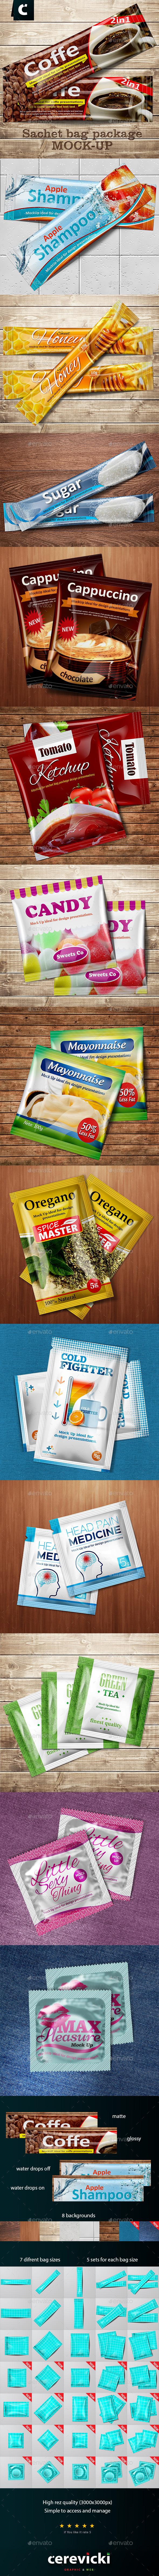 Sachet Foil bag package mock-up - Food and Drink Packaging